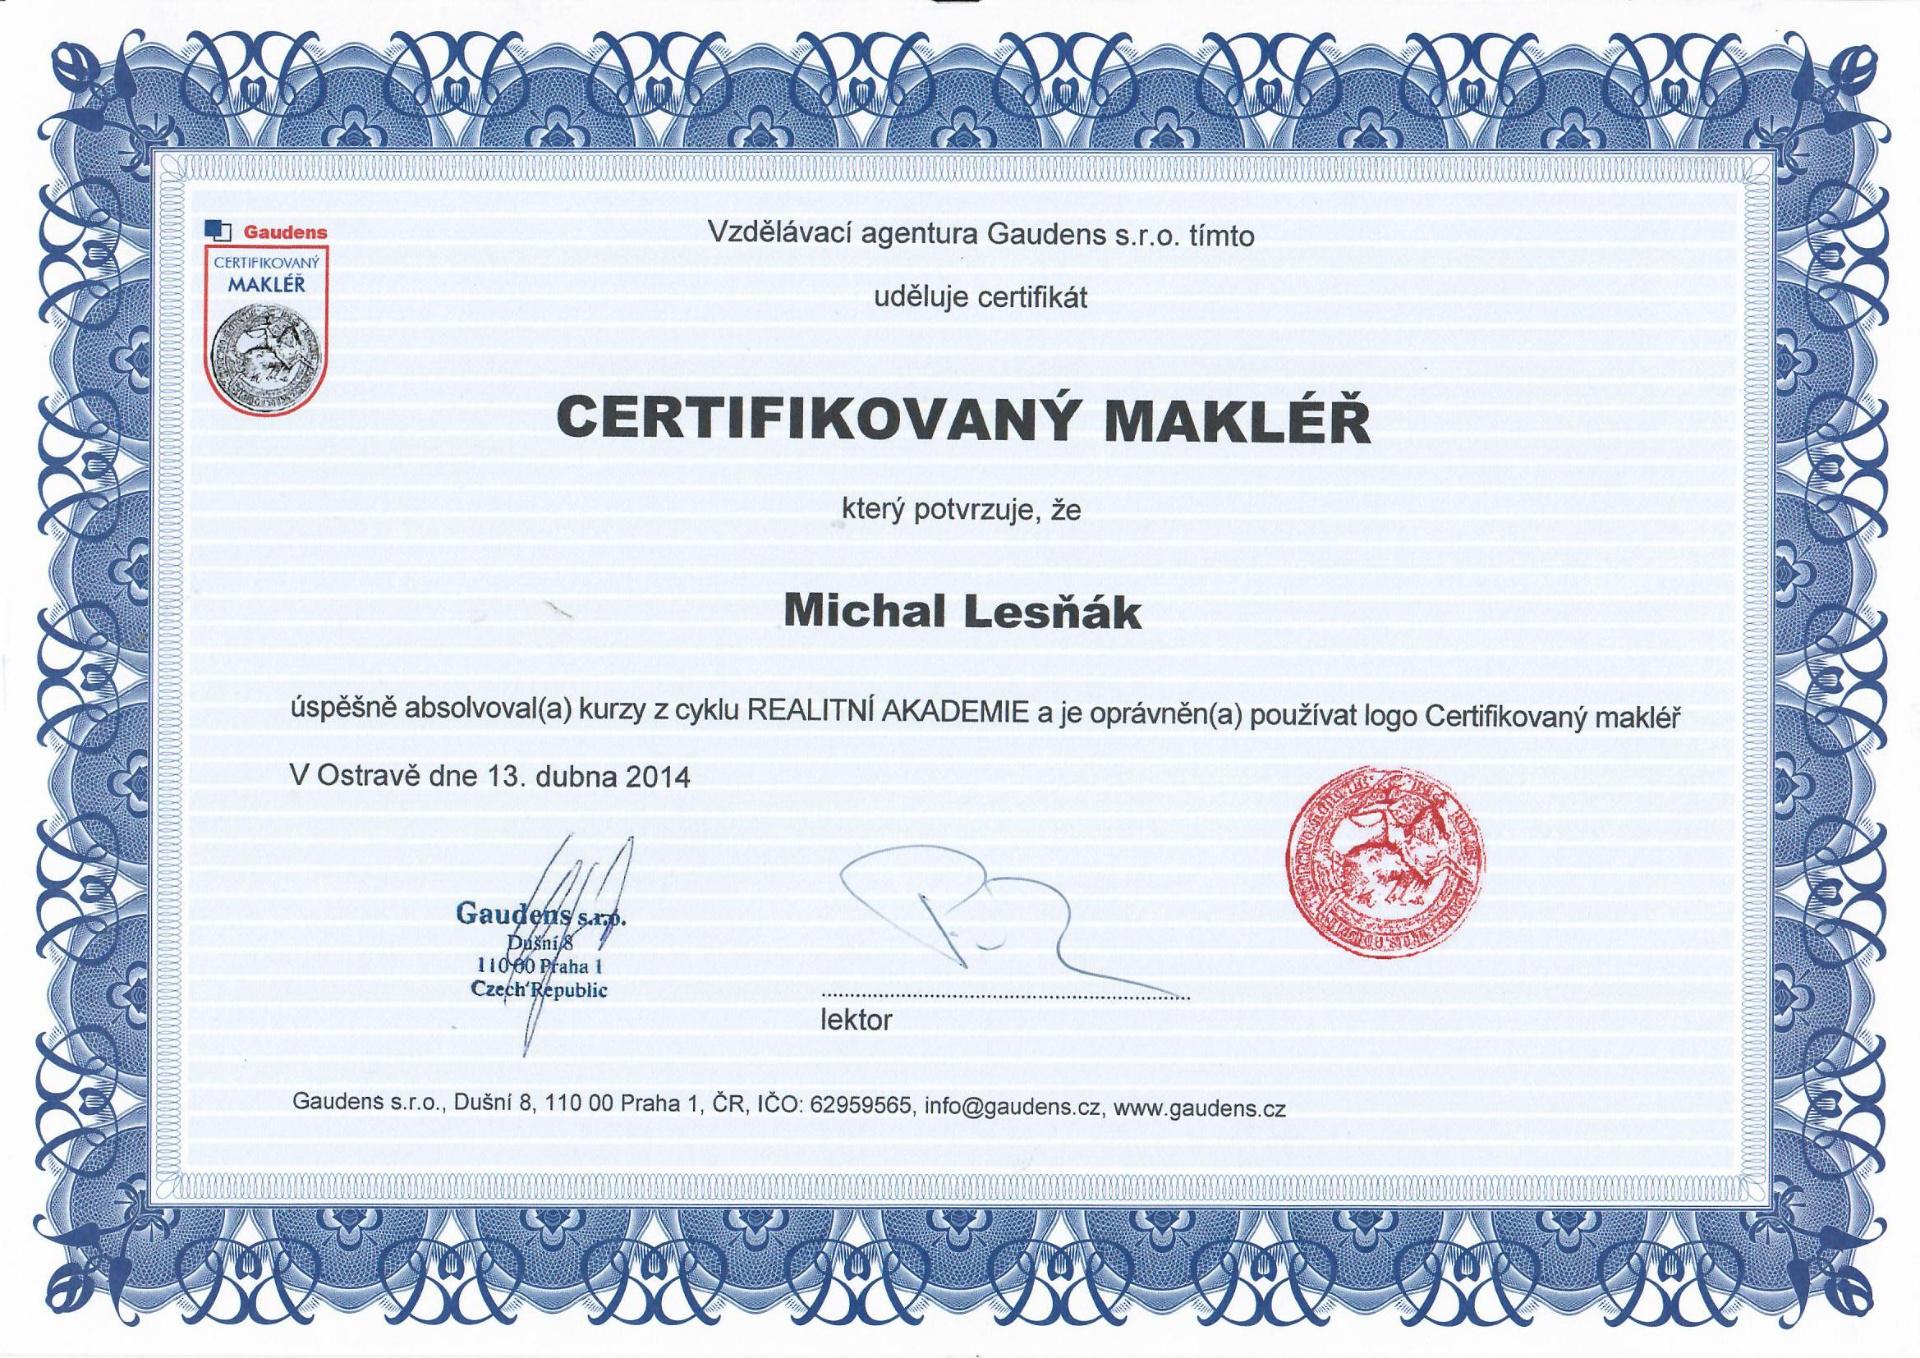 certifikovaný makléř Michal Lesňák